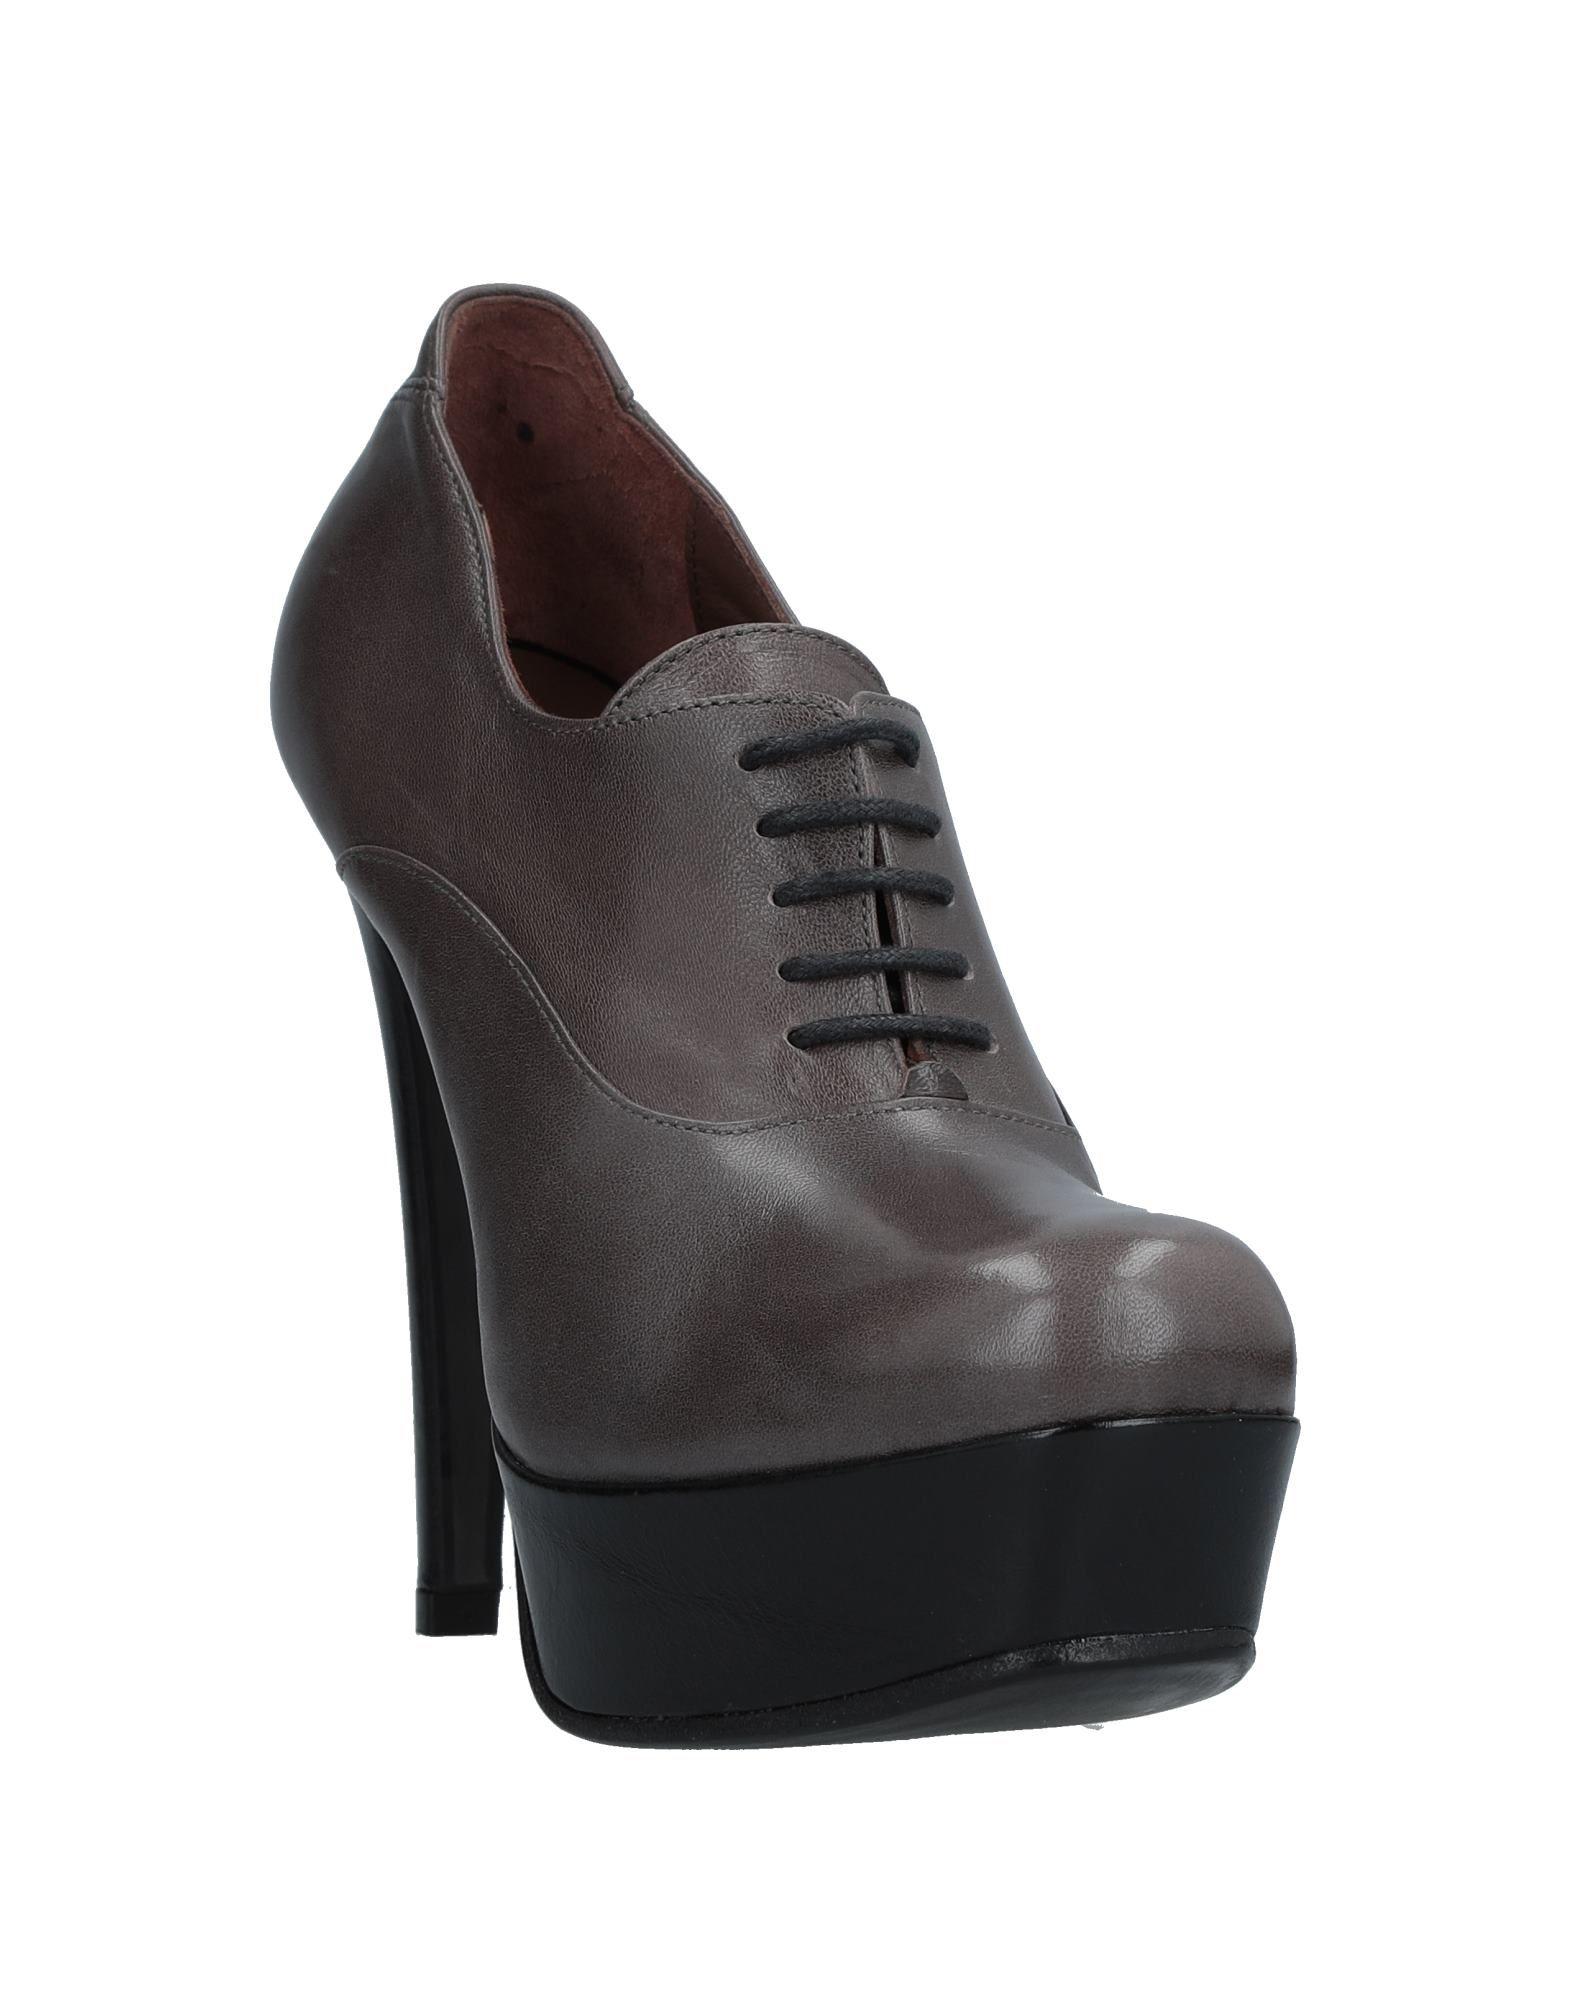 Fiorifrancesi Schnürschuhe Damen Qualität  11536107FE Gute Qualität Damen beliebte Schuhe 0c67e3